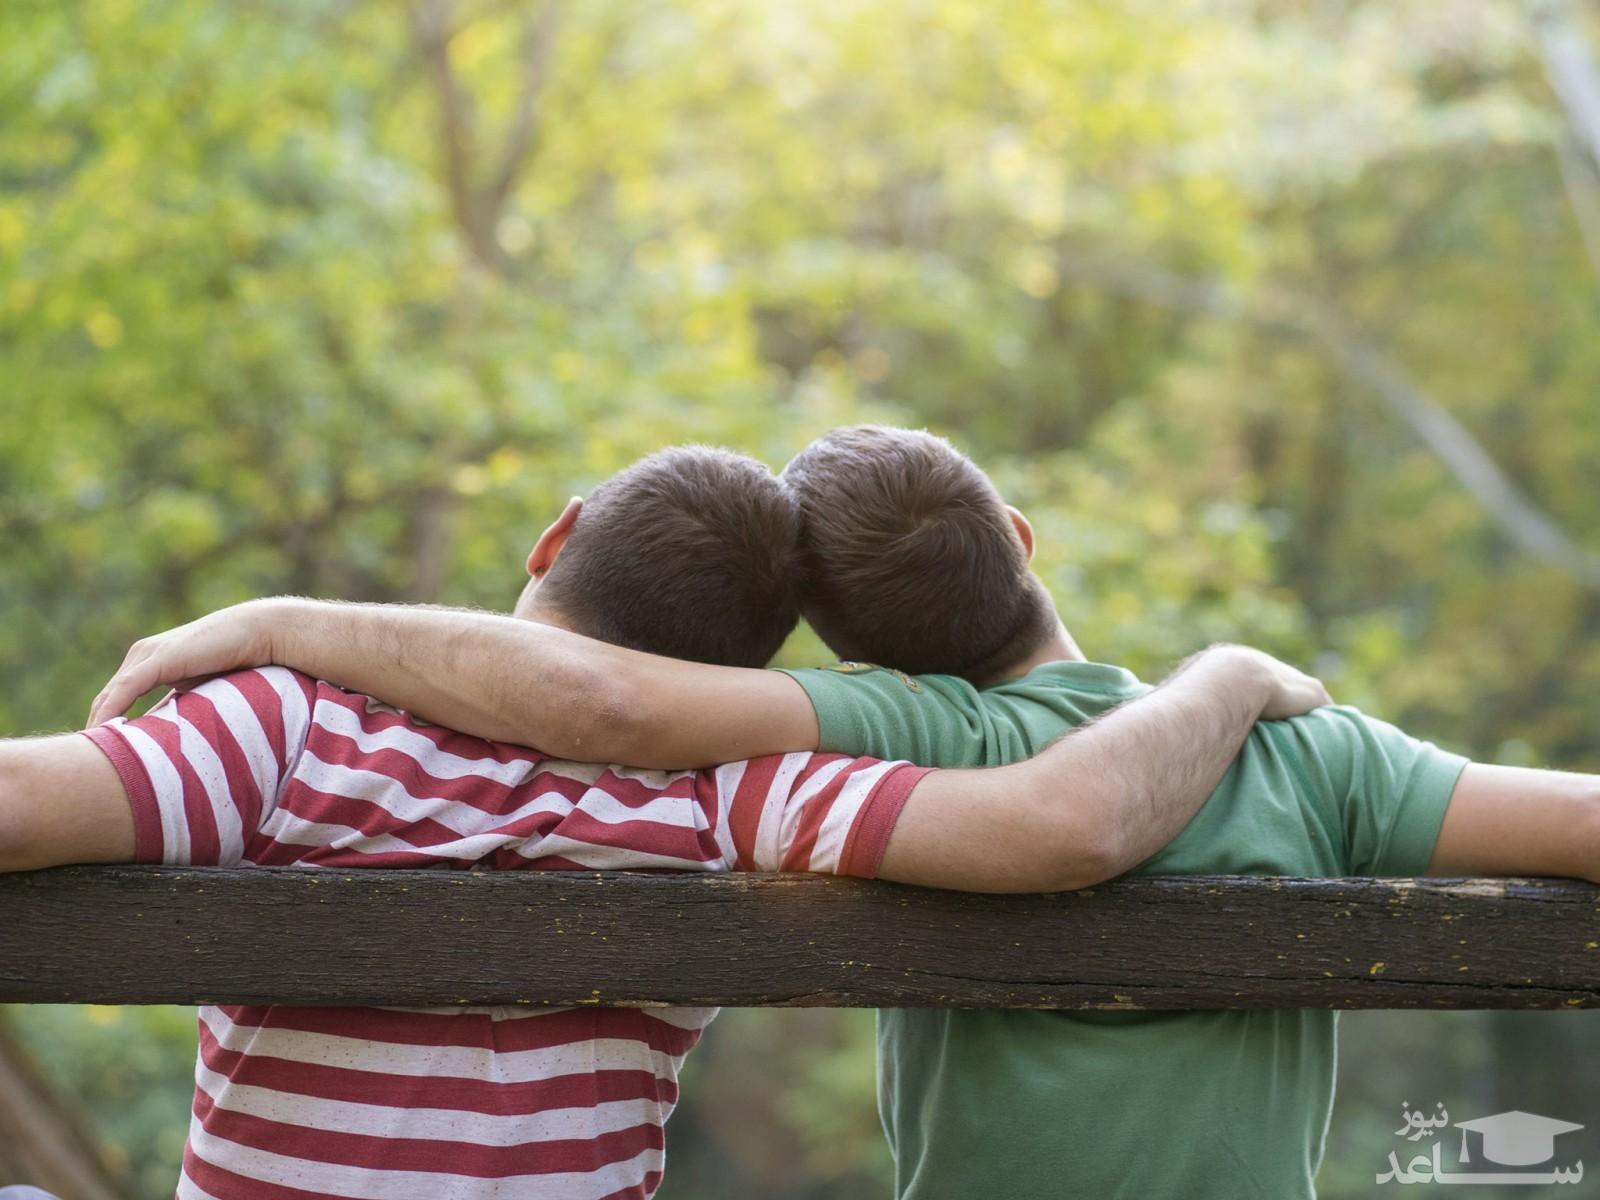 مردان همجنس گرا